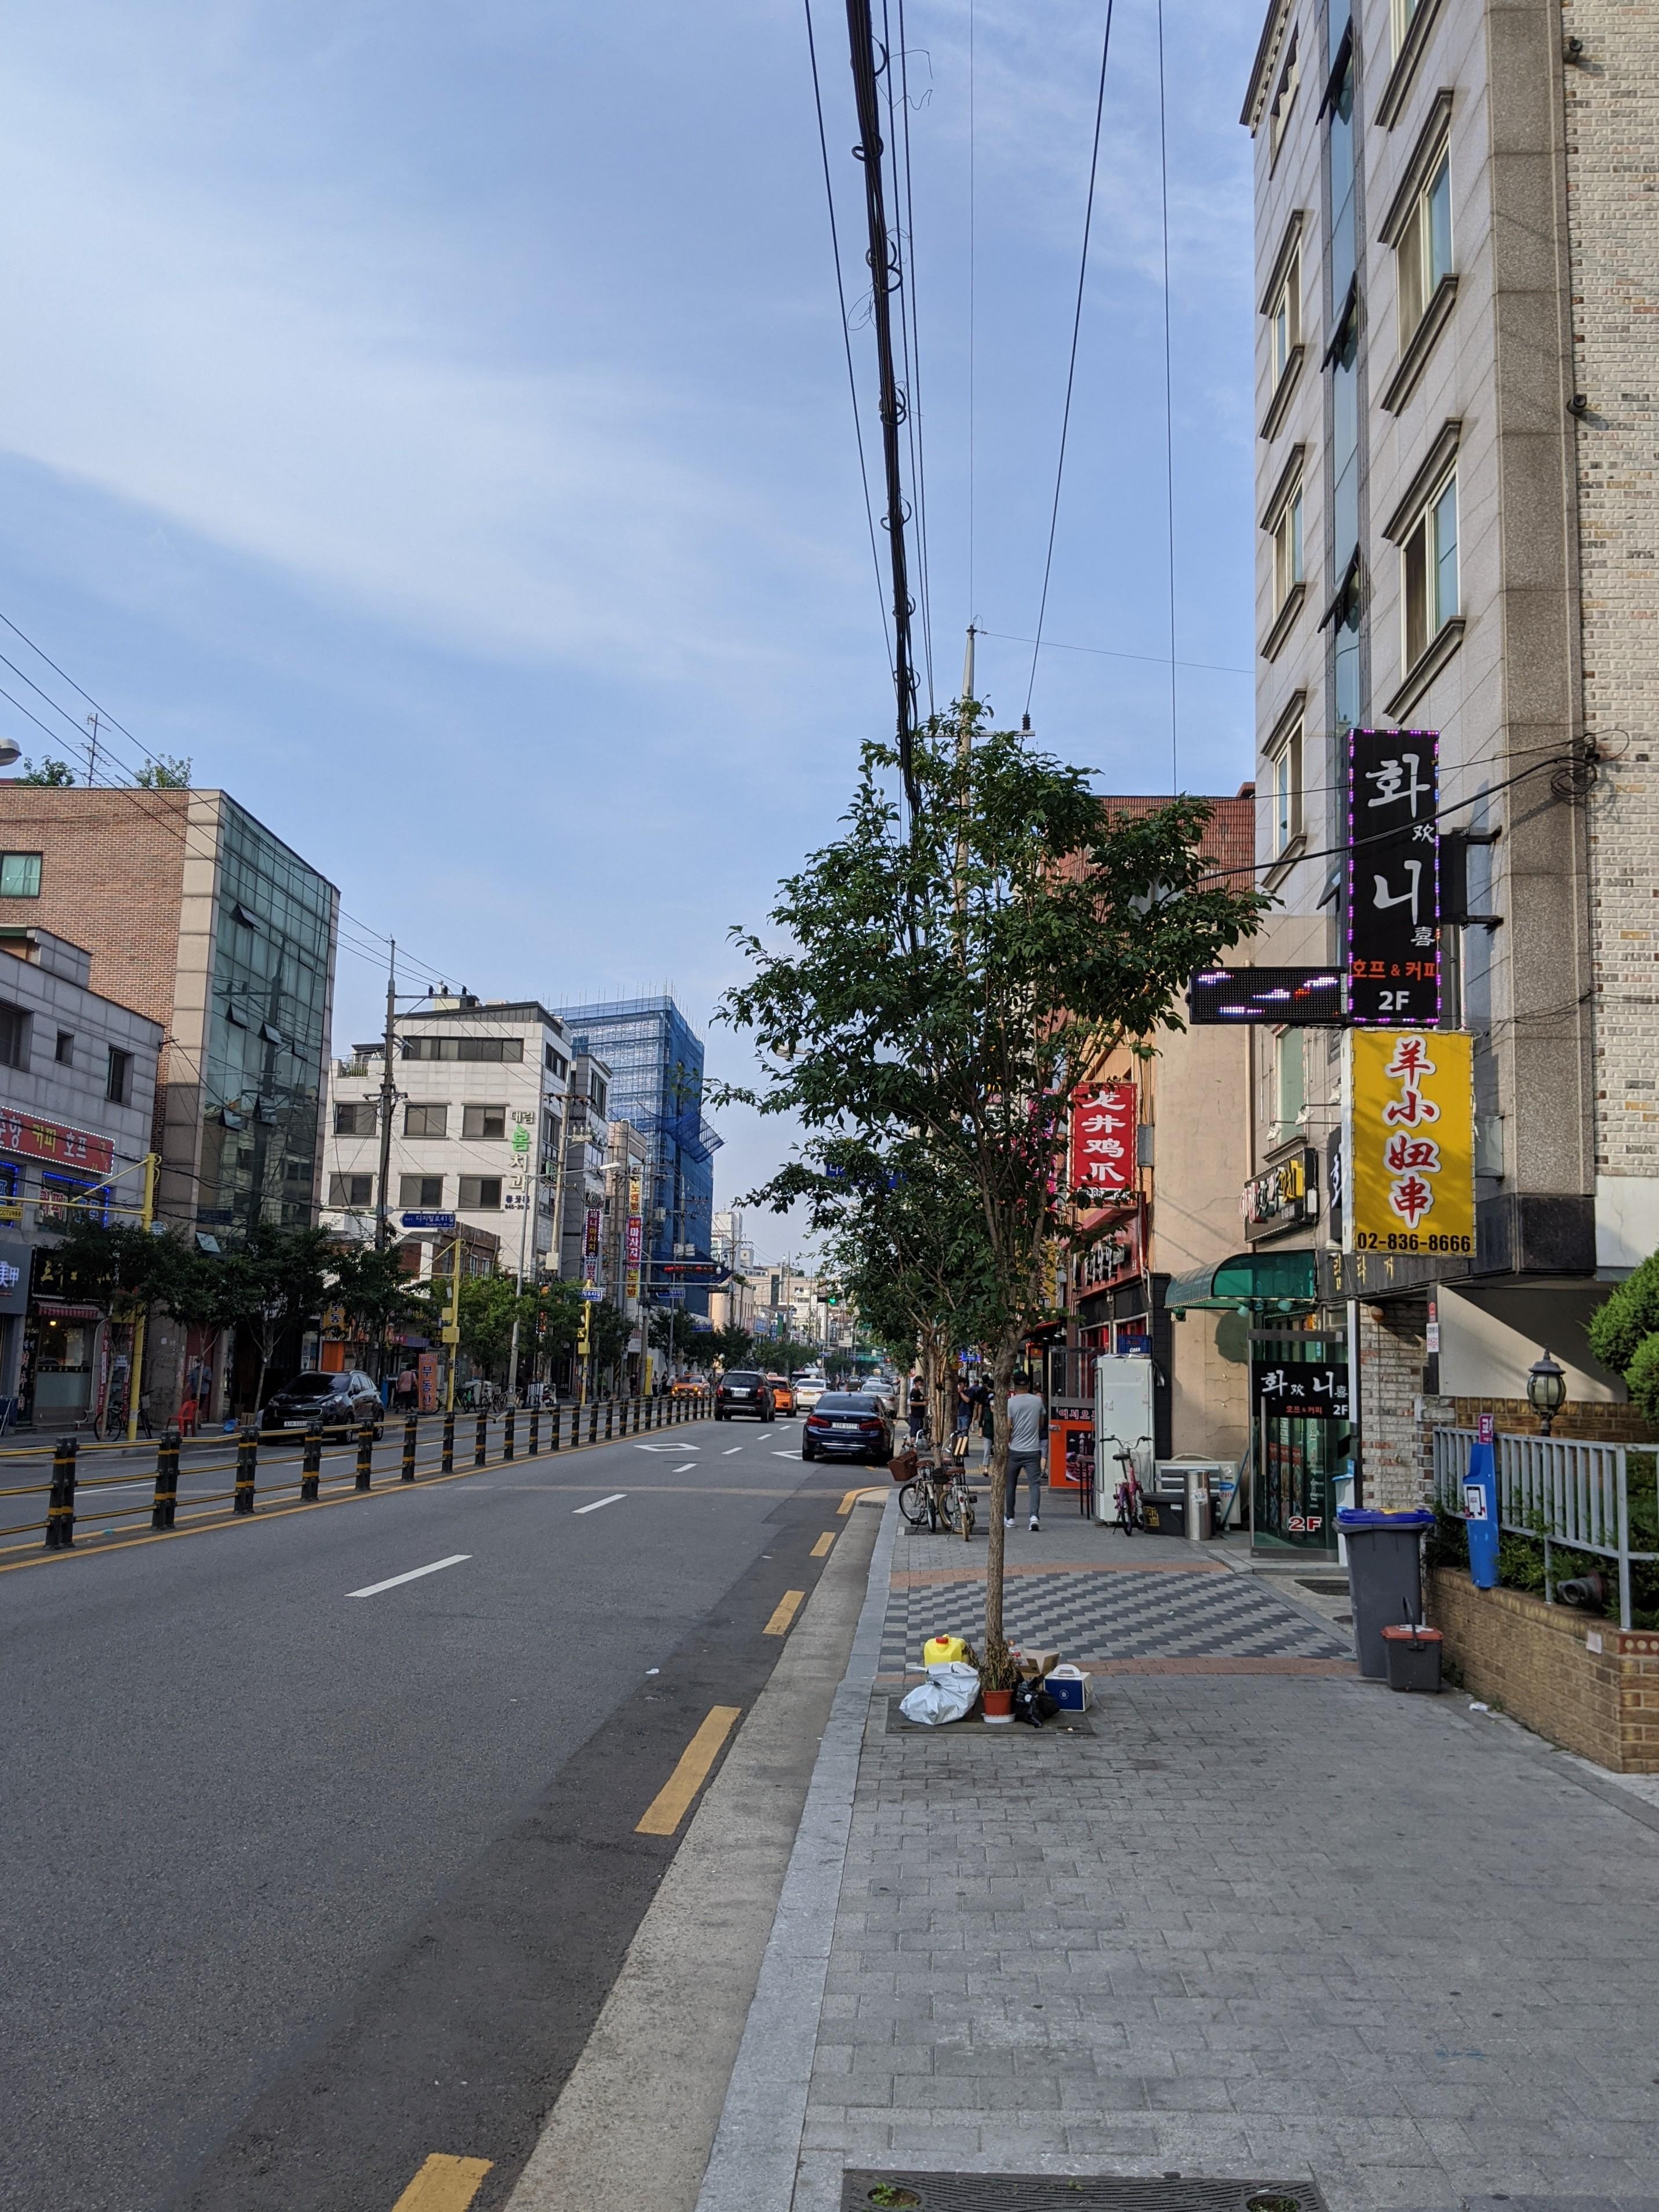 서울 속 차이나타운